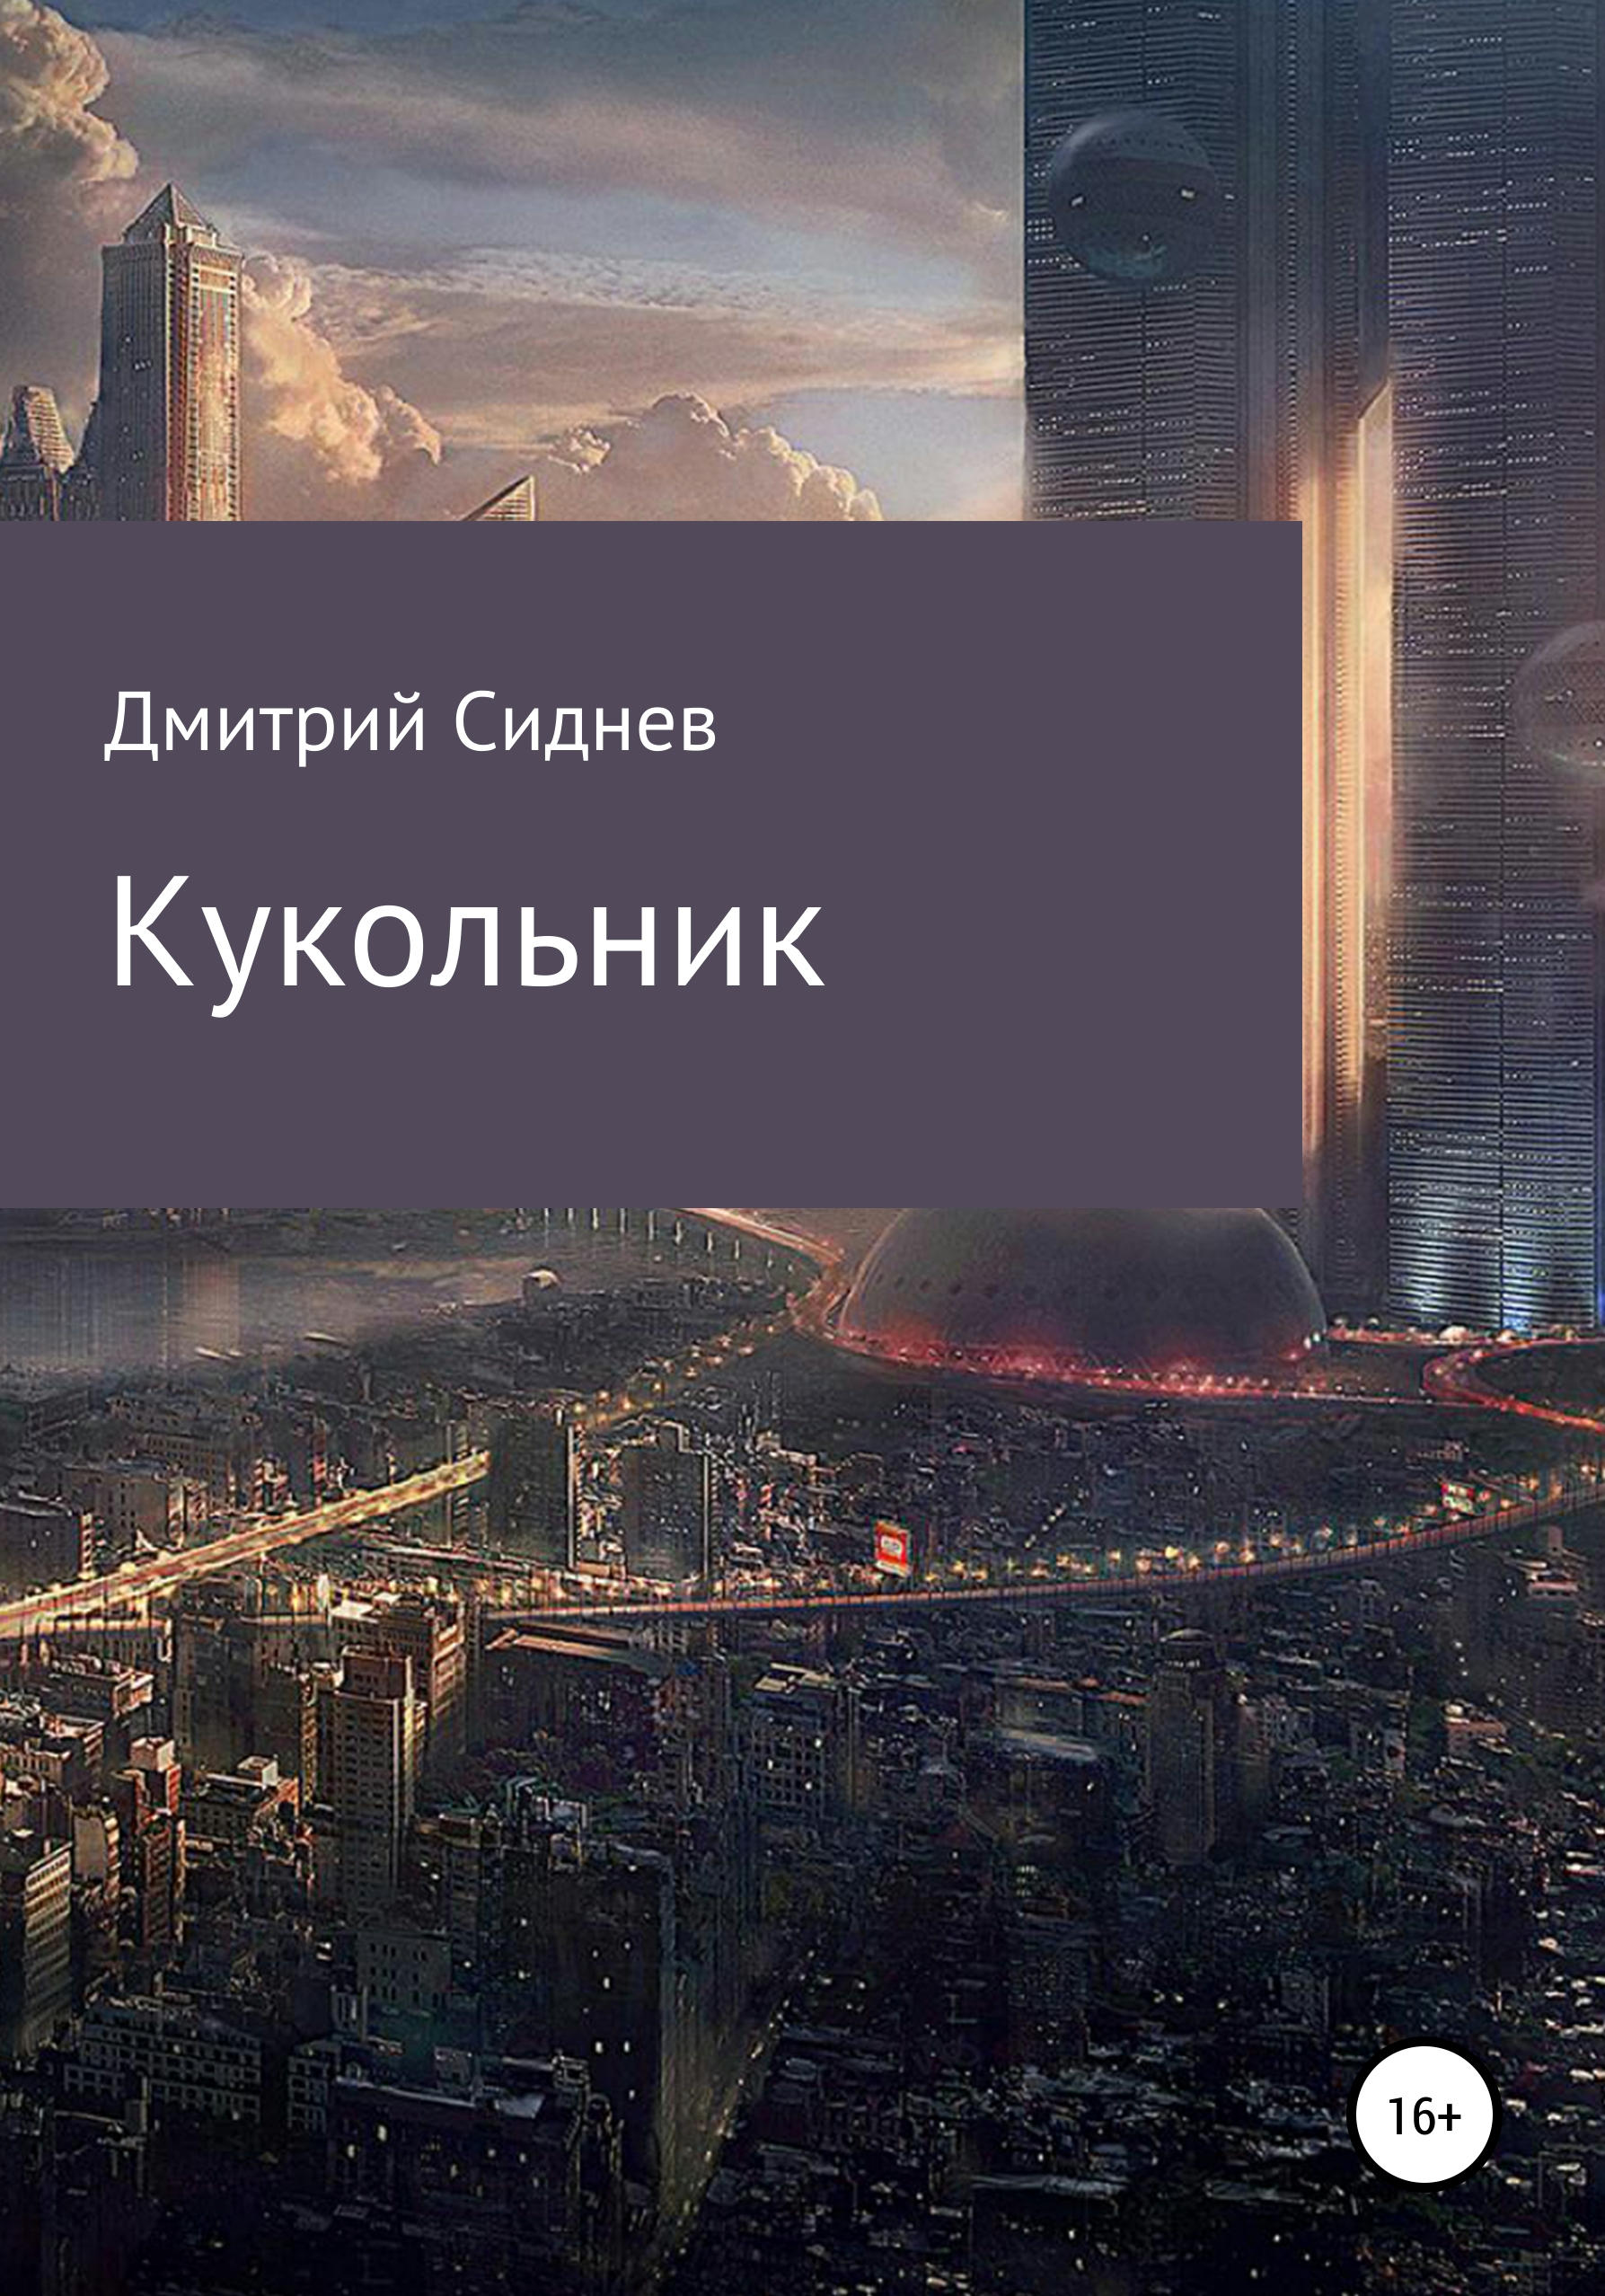 Дмитрий Михайлович Сиднев Кукольник липскеров дмитрий михайлович мясо снегиря